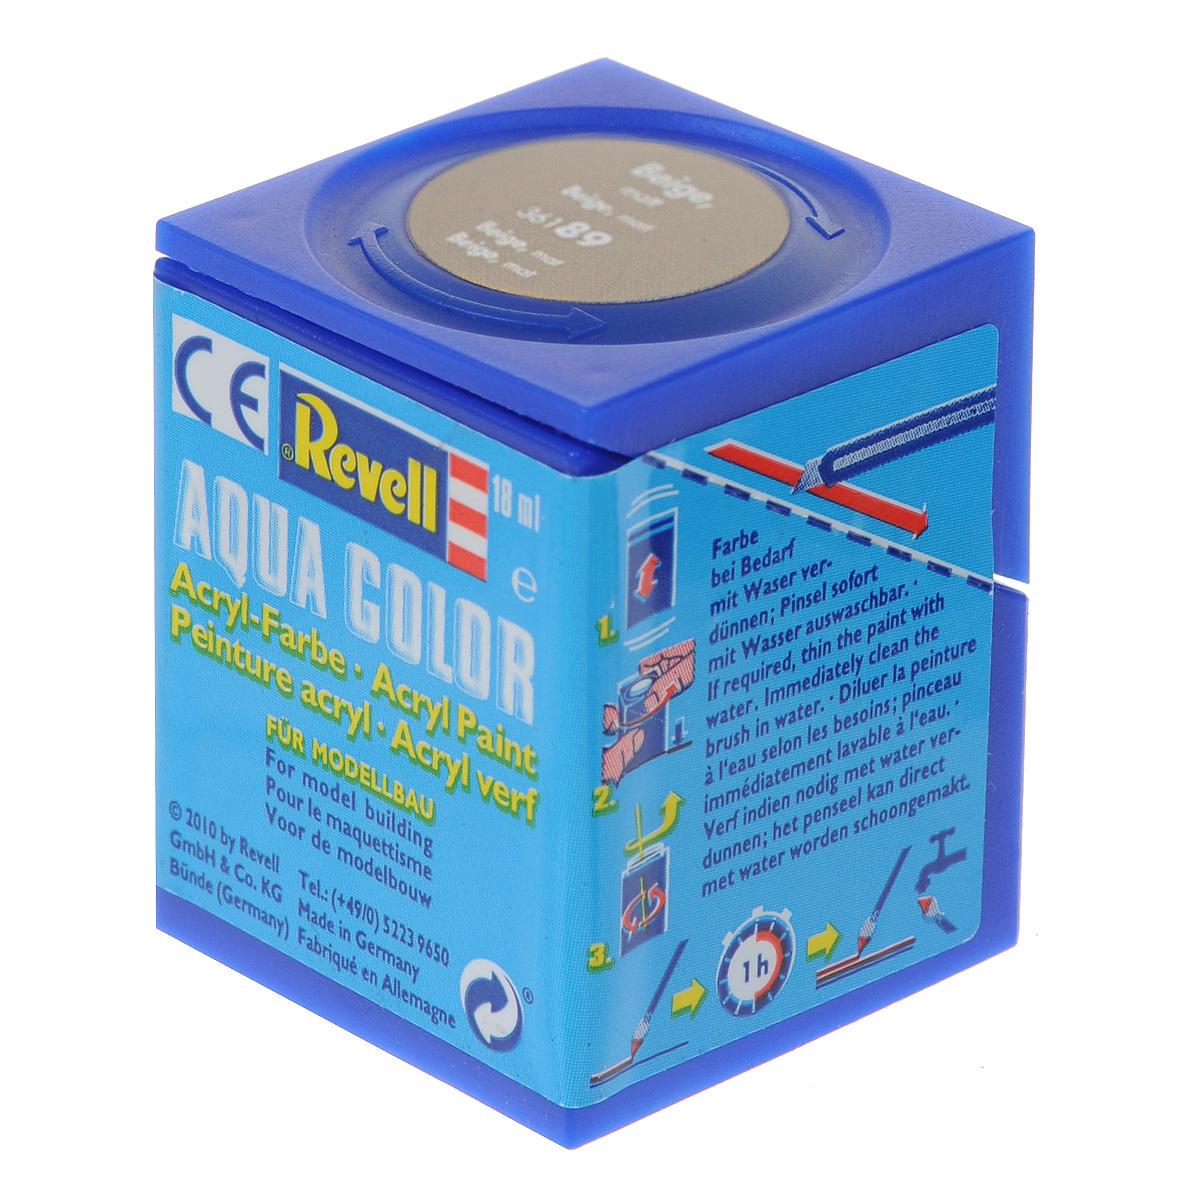 Revell Аква-краска матовая цвет бежевый 18 мл36189Краски для моделей Revell - это высококачественный материал для покраски ваших моделей. Данная краска служит для окрашивания пластиковых поверхностей сборных моделей Revell. В баночке содержится 18 мл краски с матовым эффектом. В случае необходимости различные оттенки эмали могут быть смешаны друг с другом, для разбавления используется Revell Color Mix.